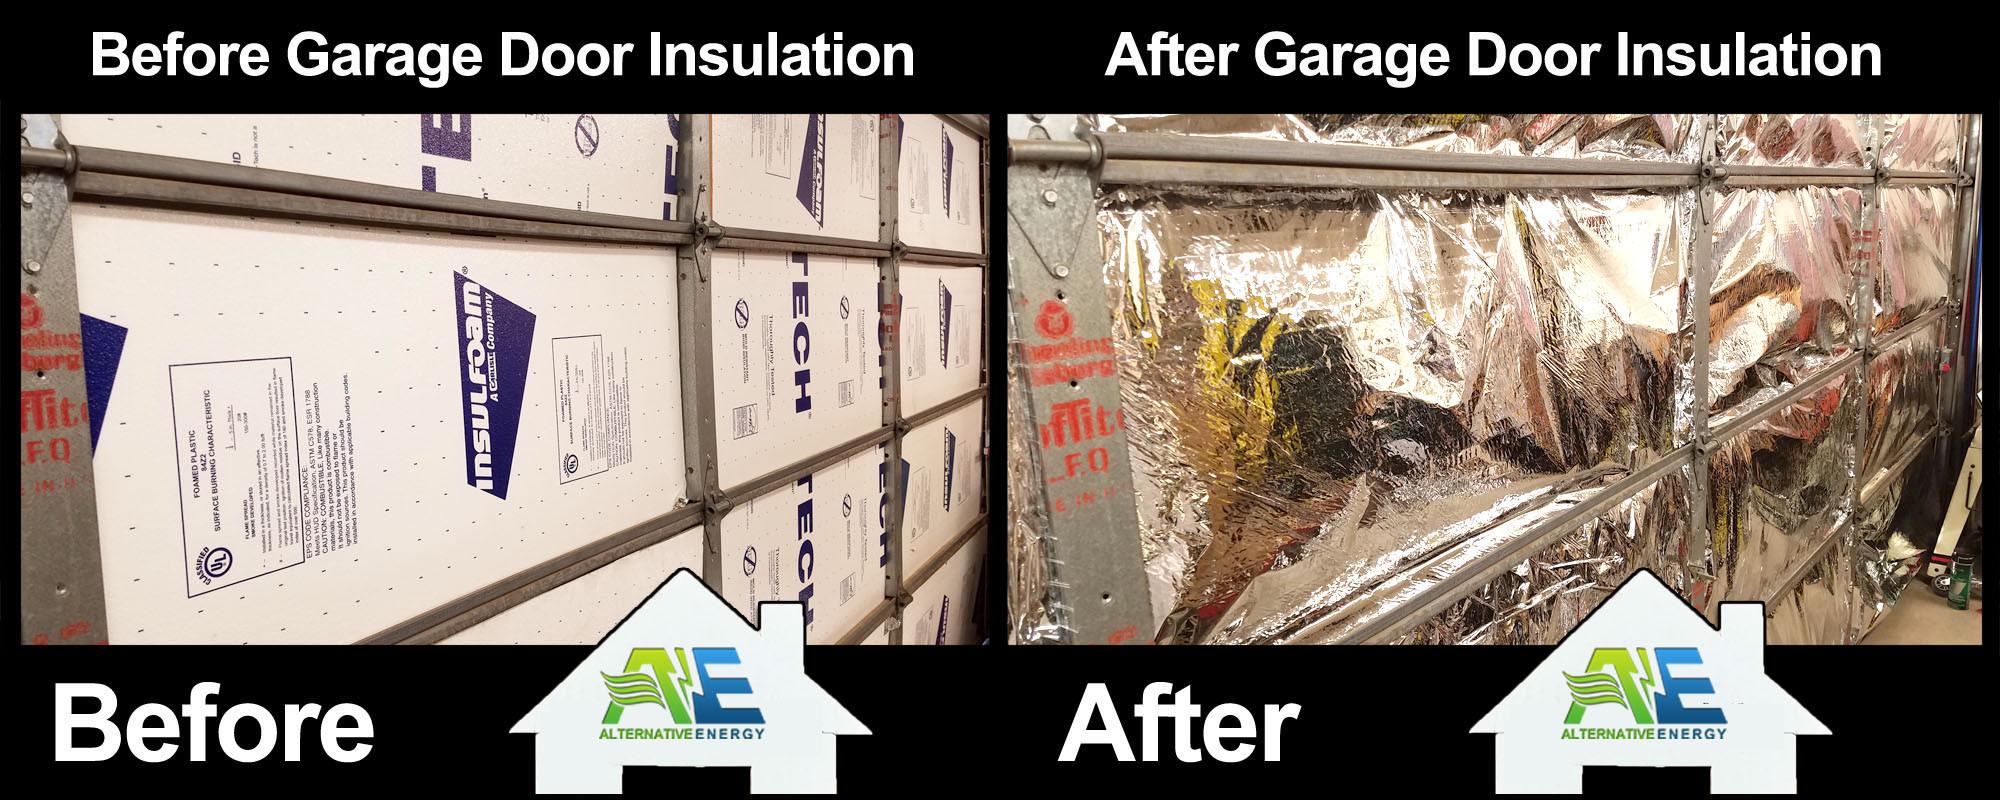 Garage-Door-Insulation-Before-After-Photo